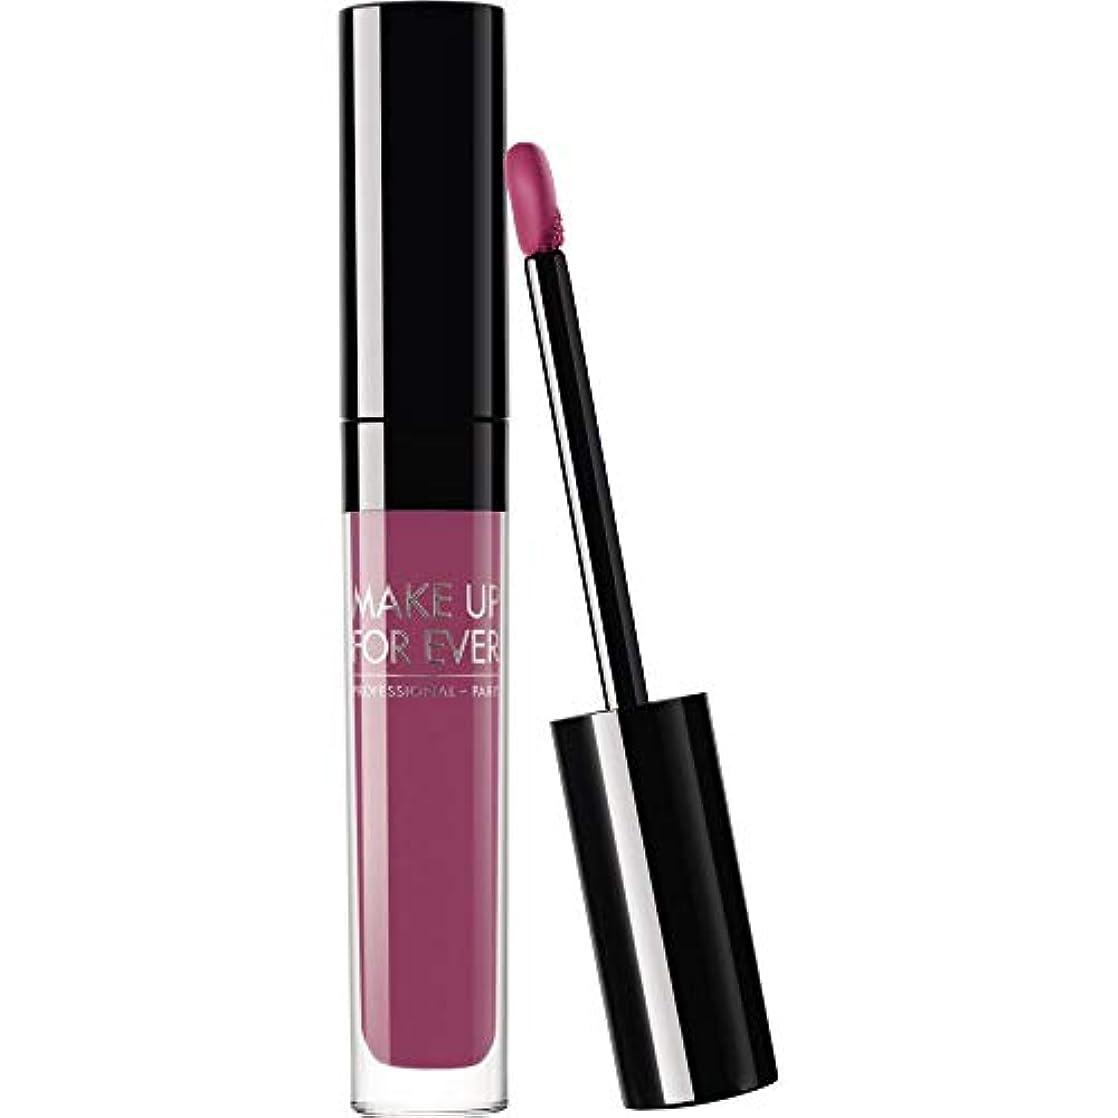 管理しますねばねば再び[MAKE UP FOR EVER] 205 2.5ミリリットル、これまでアーティストの液体マットリップカラーを補う - Mauvyピンク - MAKE UP FOR EVER Artist Liquid Matte Lip Colour 2.5ml 205 - Mauvy Pink [並行輸入品]